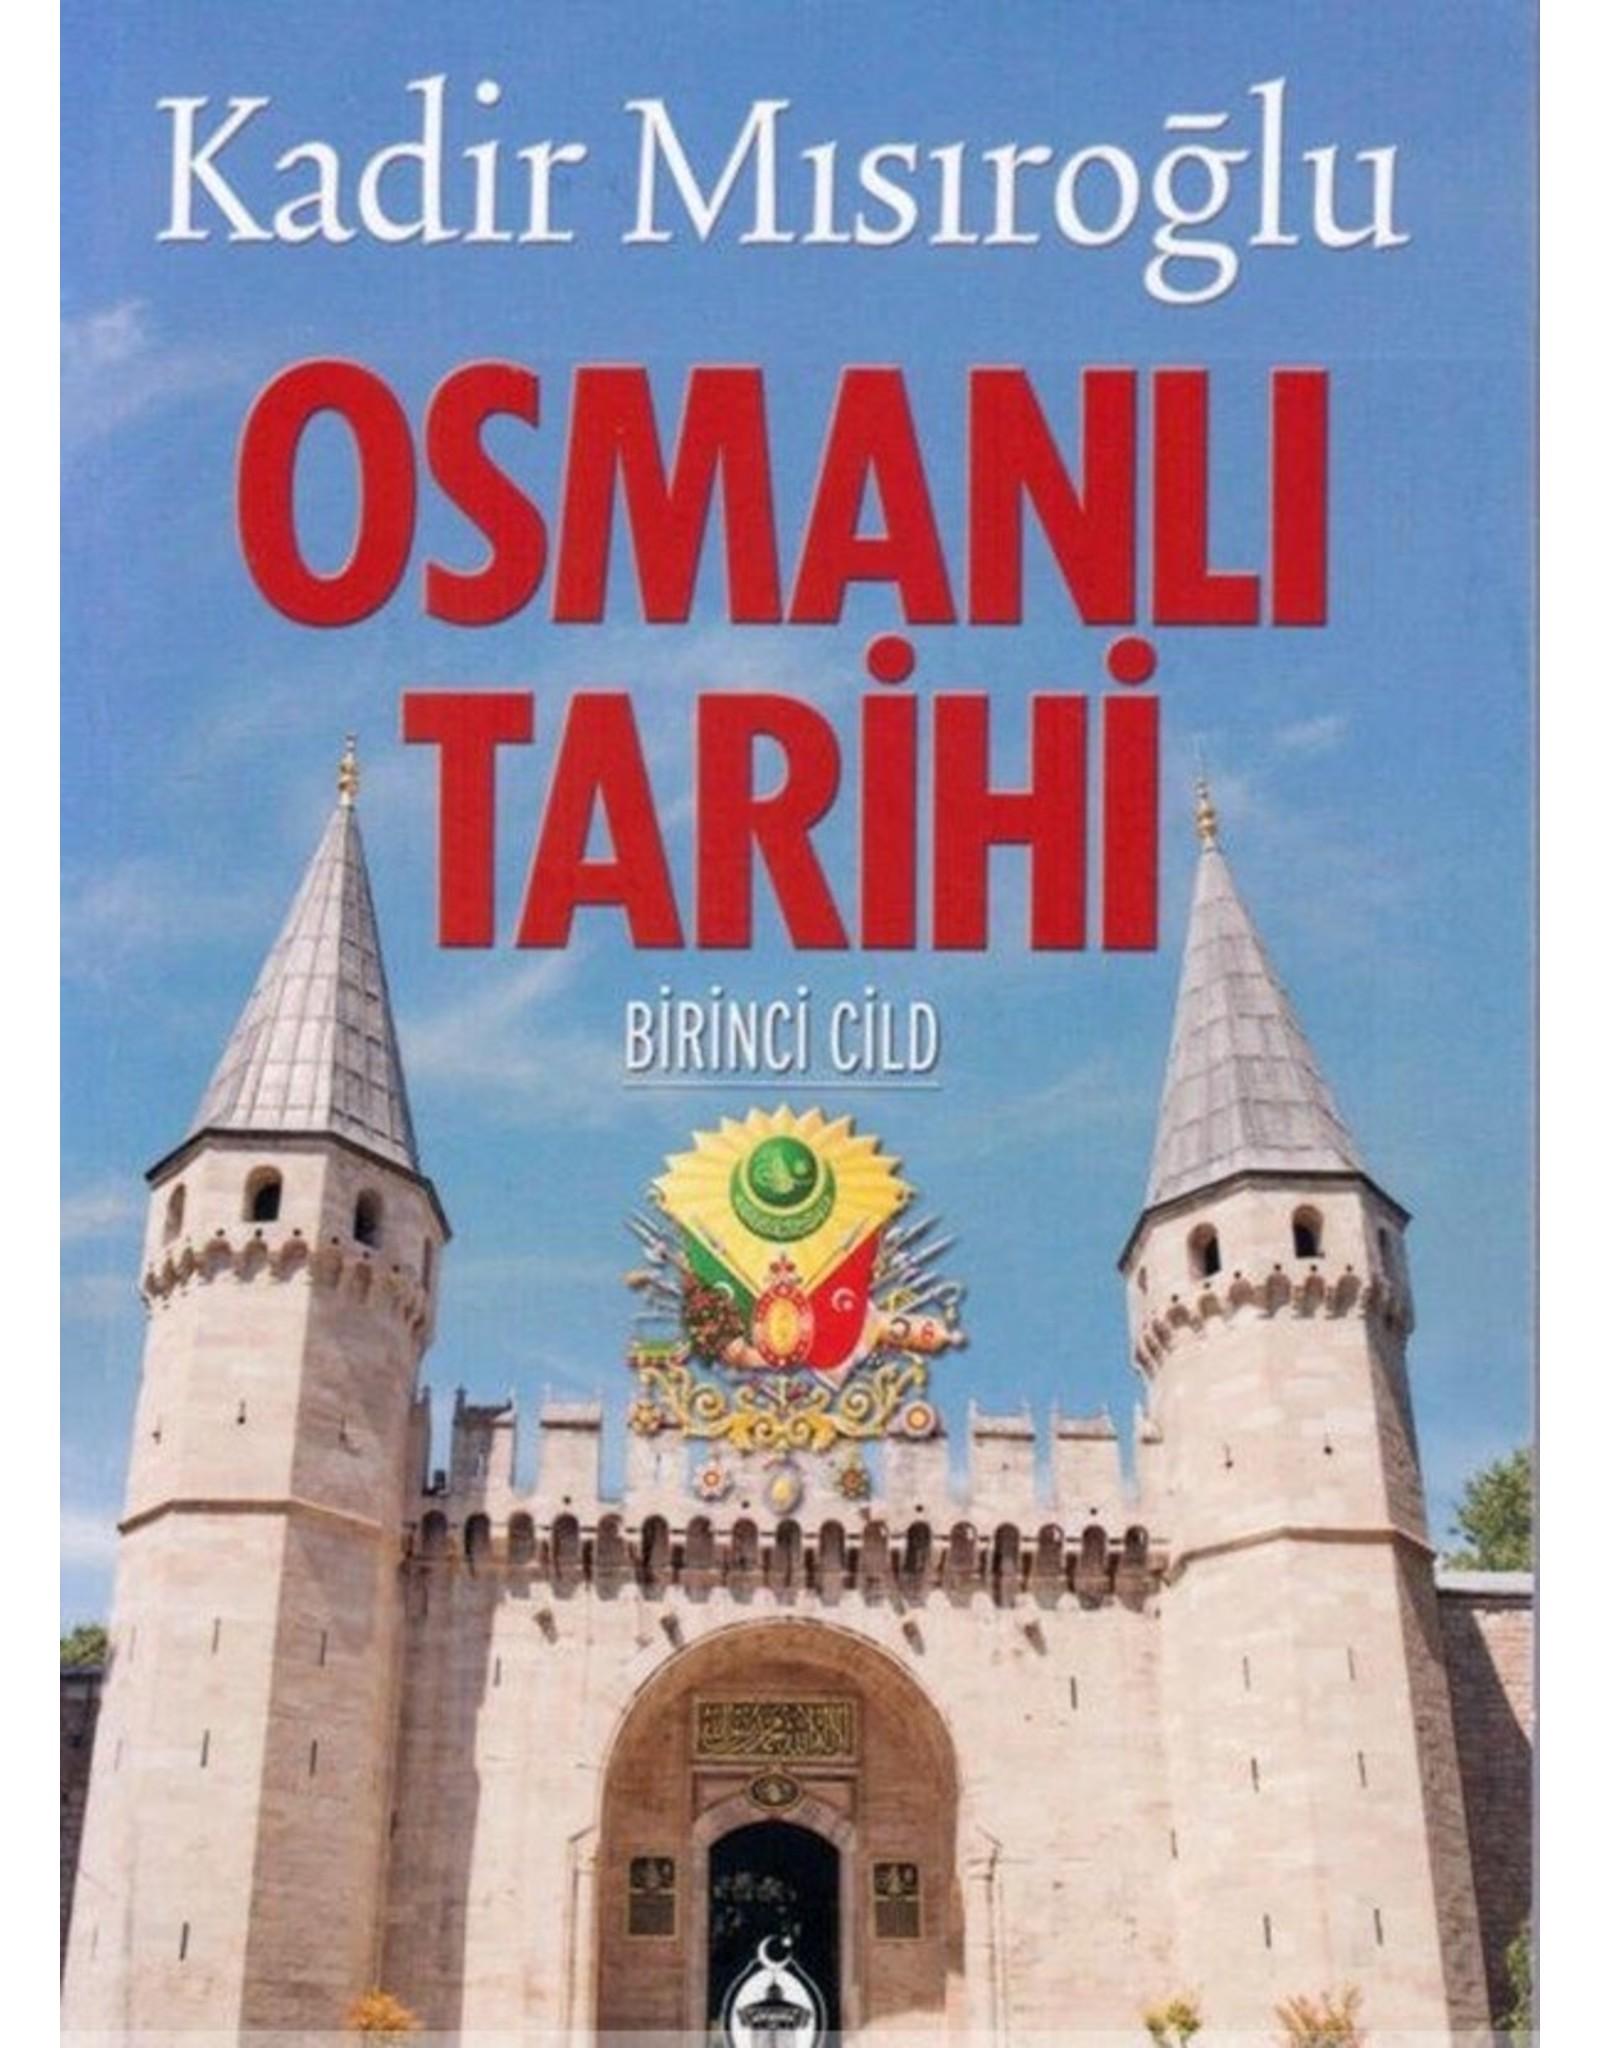 Kadir Mısıroğlu Osmanlı Tarihi 1.Cilt